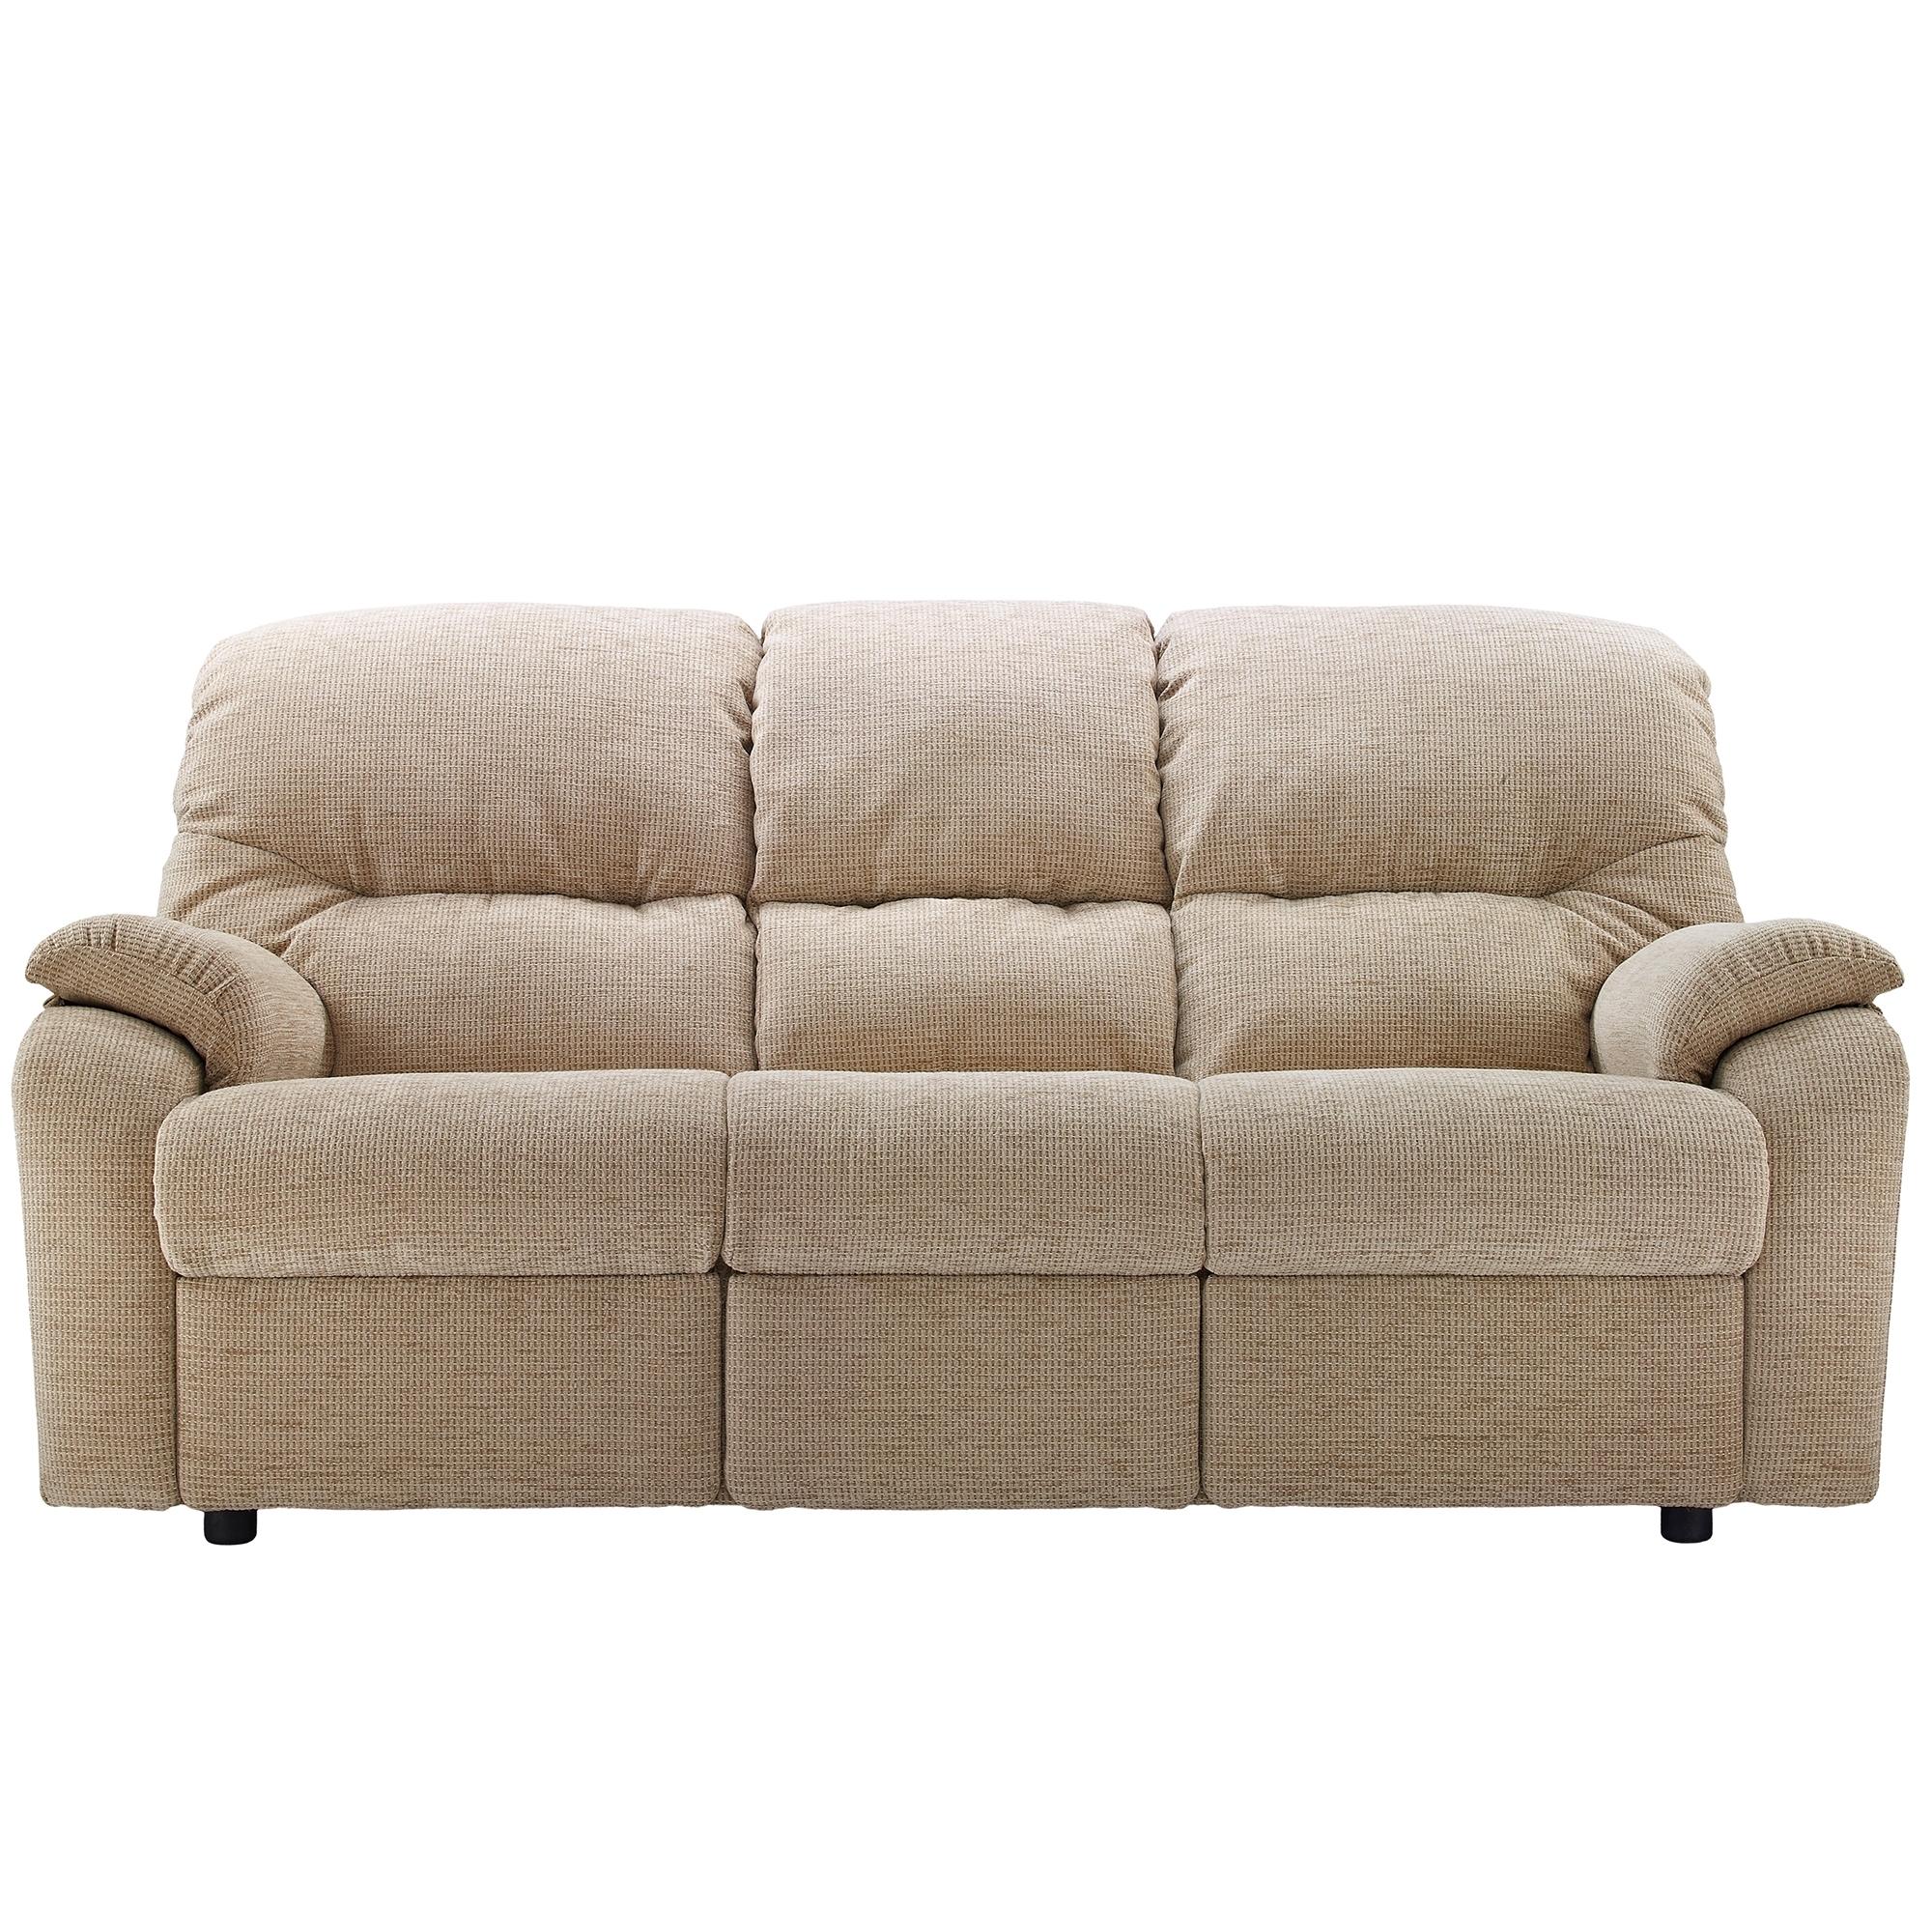 Bedroom Recliner Chairs Bedroom Furniture Floor Plan Cream Carpet Bedroom Bedroom Bench Uk: G Plan Mistral 3 Seater Sofa